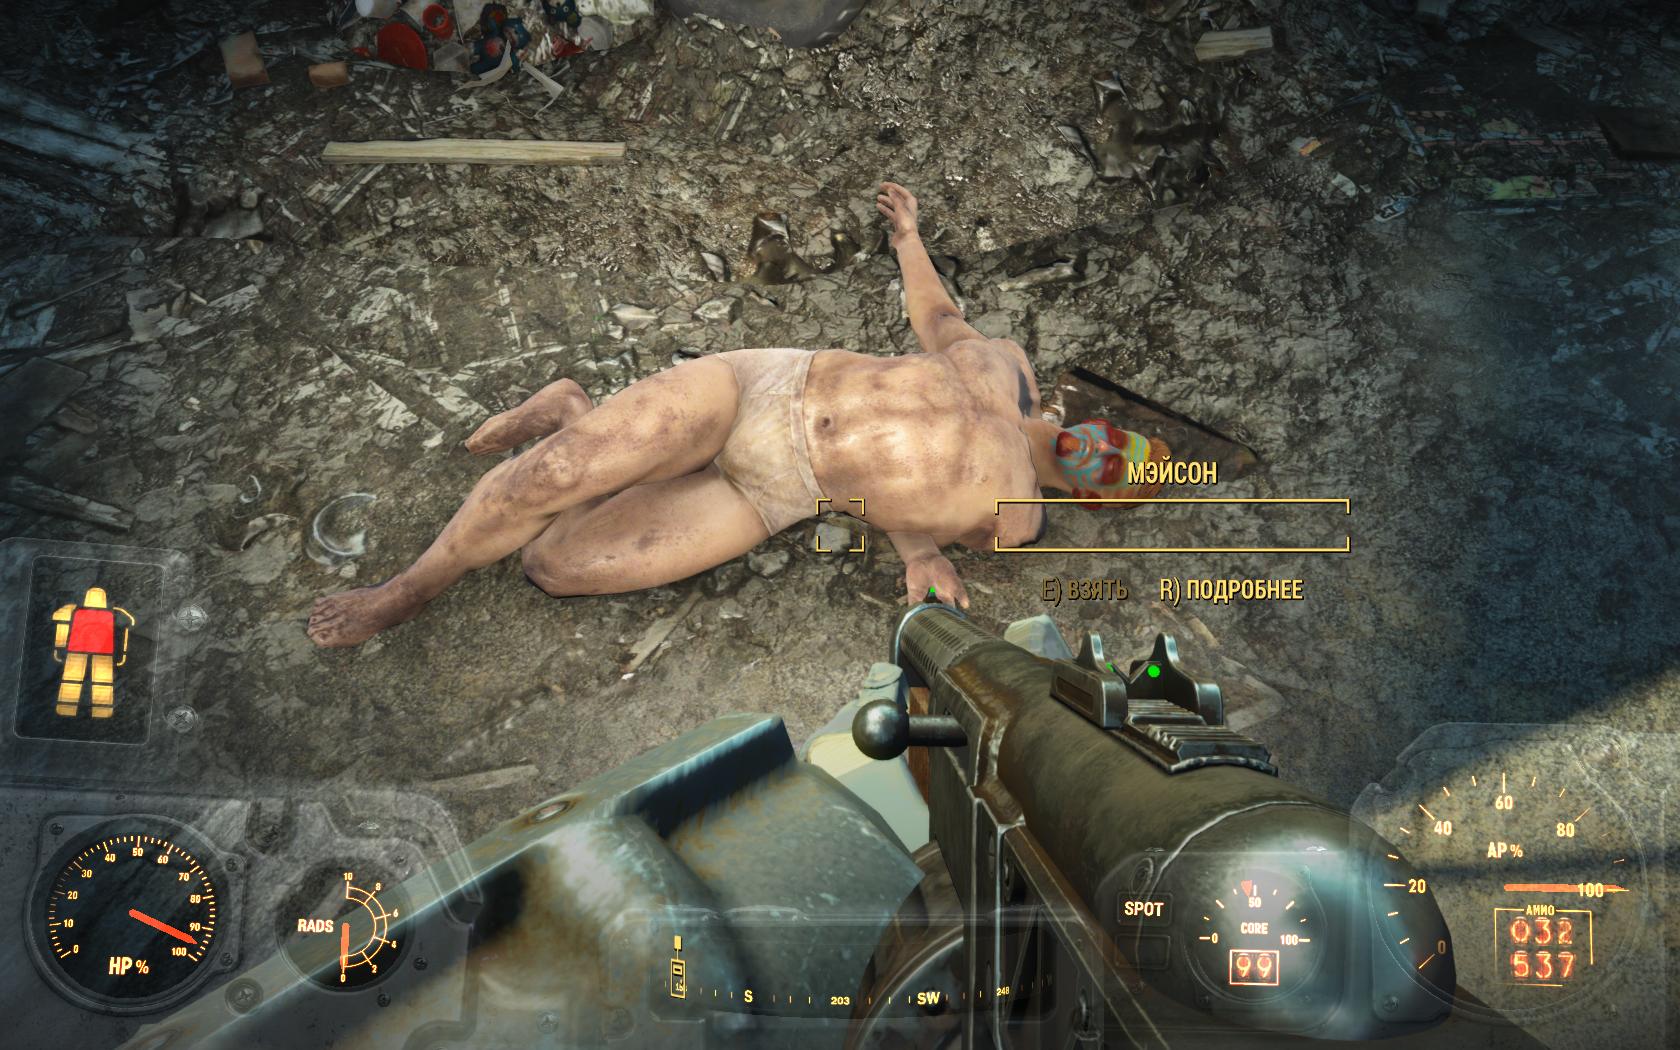 Убийство всех рейдеров - Мэйсон (Ядер-Мир) - Fallout 4 Nuka-World, Мэйсон, Рейдер, Стая, Ядер-Мир